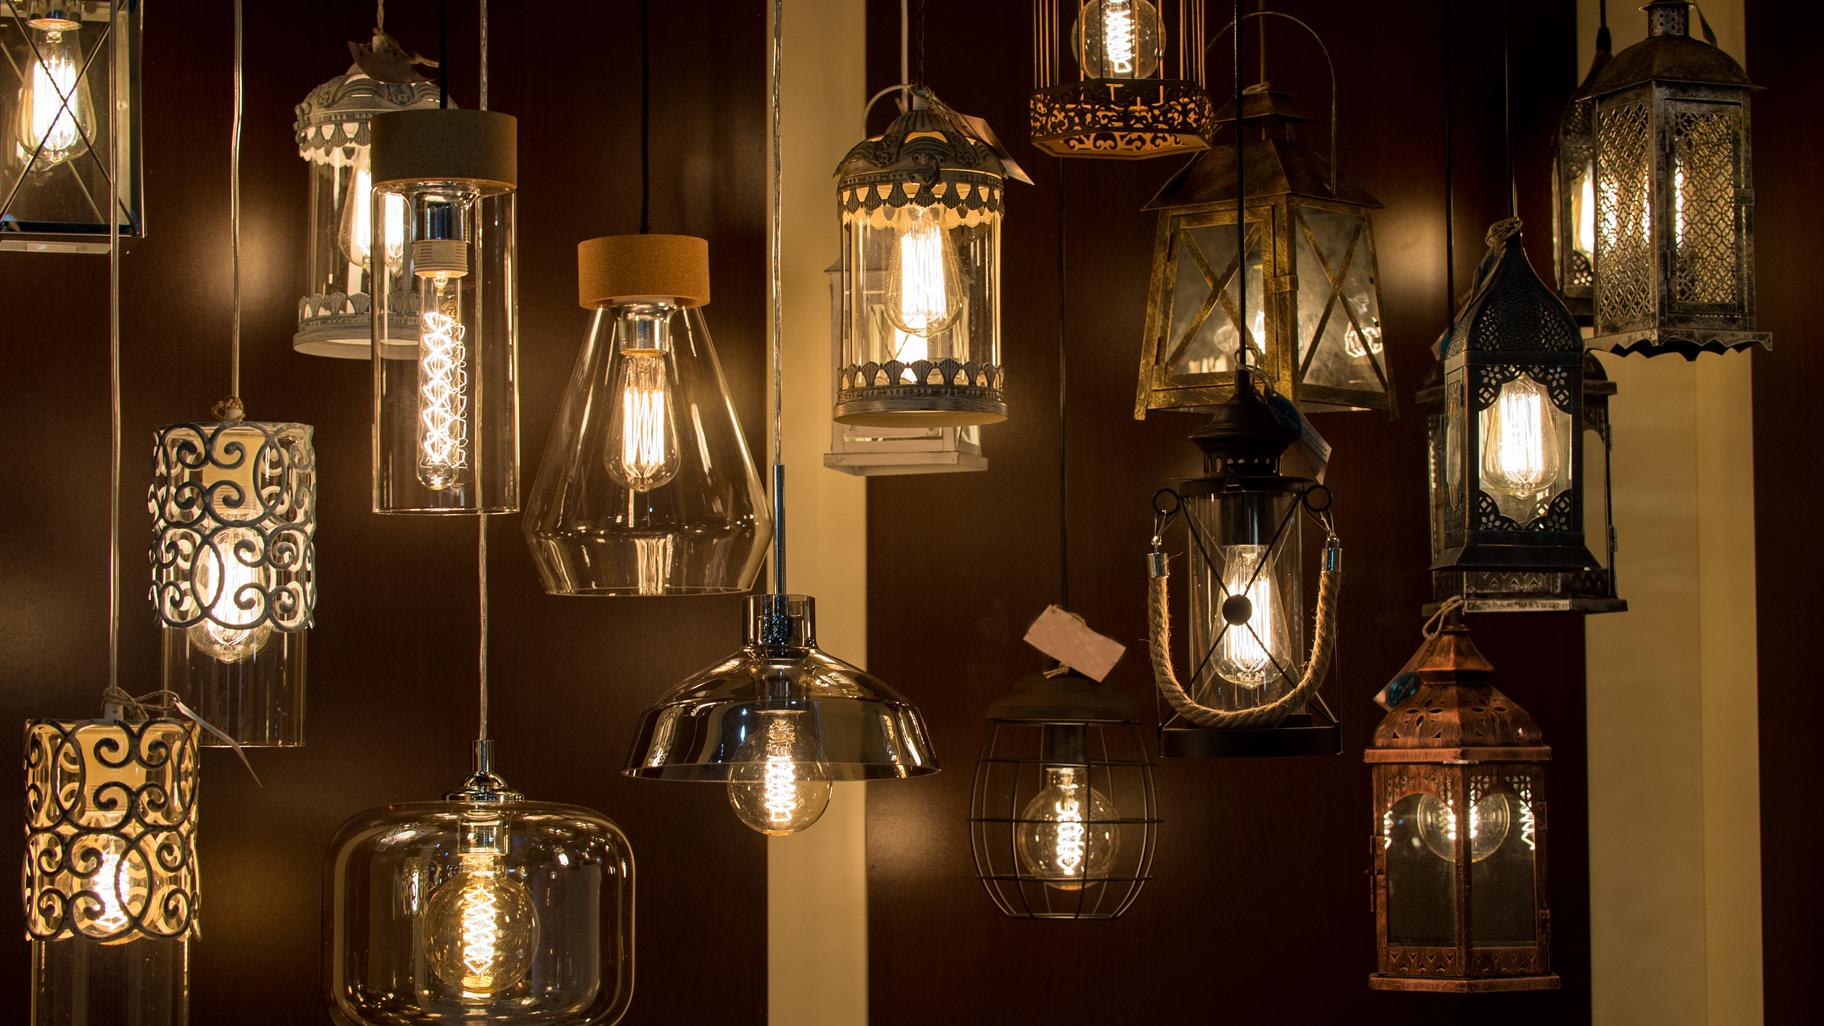 Schöne Deko Selber Machen 8 Ideen Für Do It Yourself Lampen